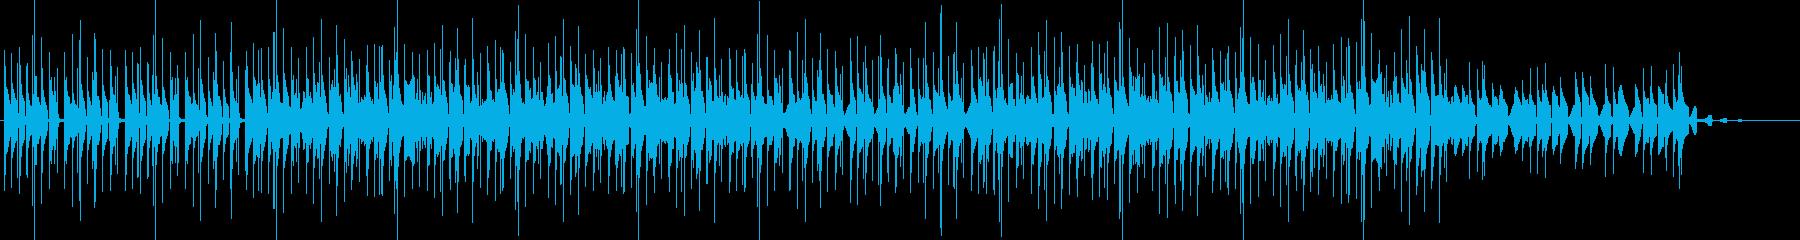 跳ねるサウンドのスタイリッシュなBGMの再生済みの波形